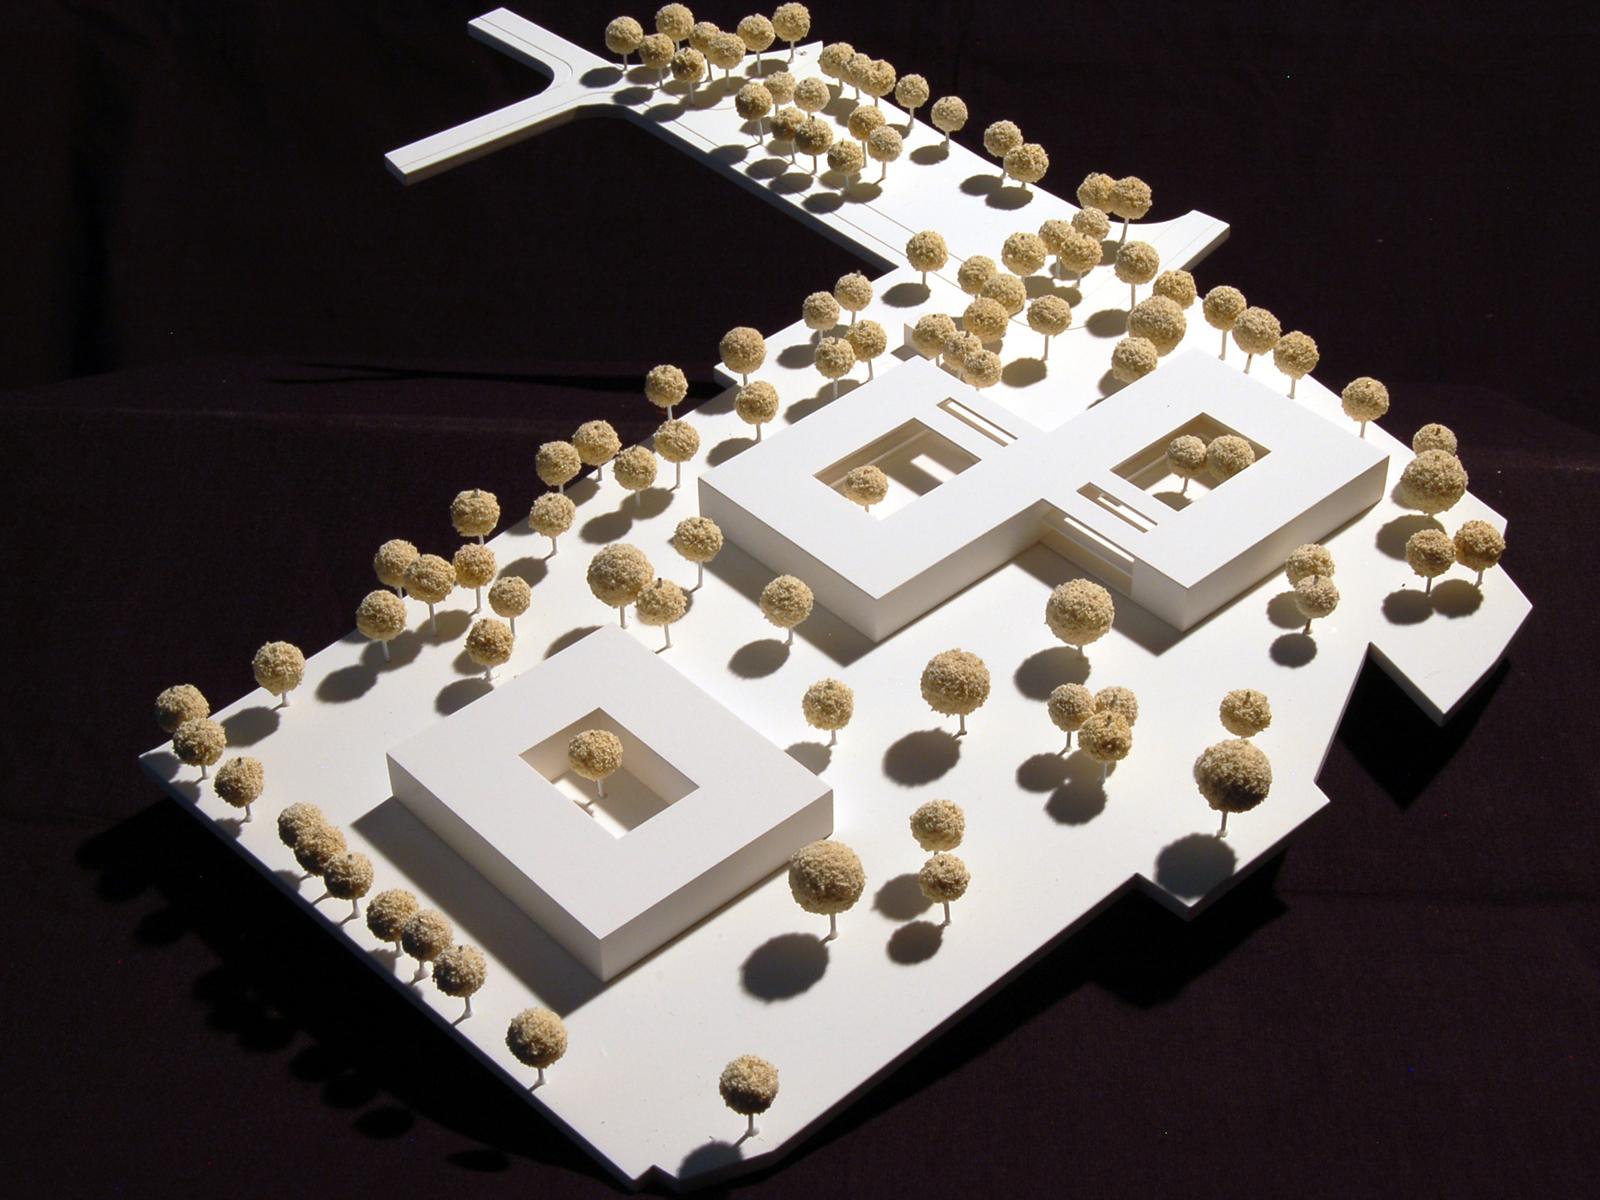 Modellfoto-Wettbewerb-Neubau-Seniorenzentrum-Gundelsheim-2.Preis-2010-© Friedrich-Poerschke-Zwink-Architekte1